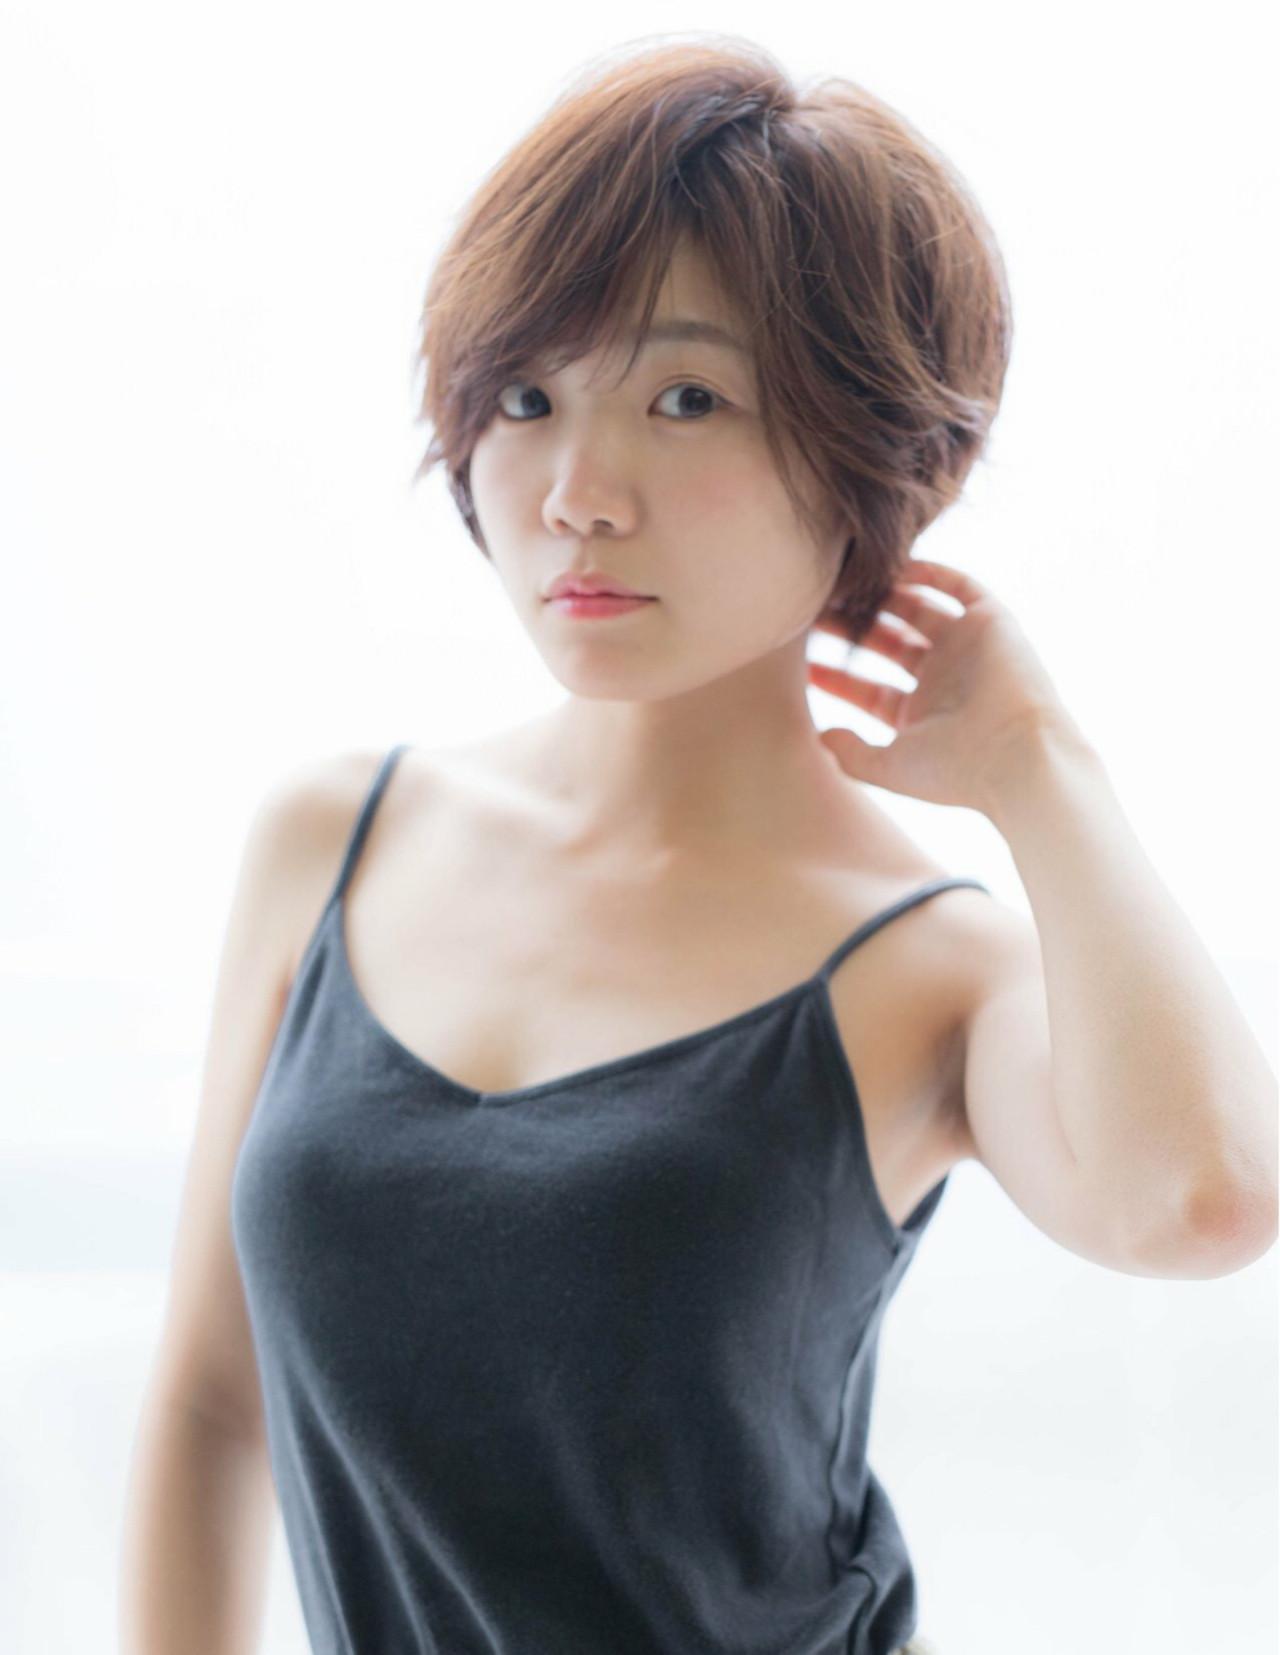 色気 小顔 ショート マッシュ ヘアスタイルや髪型の写真・画像